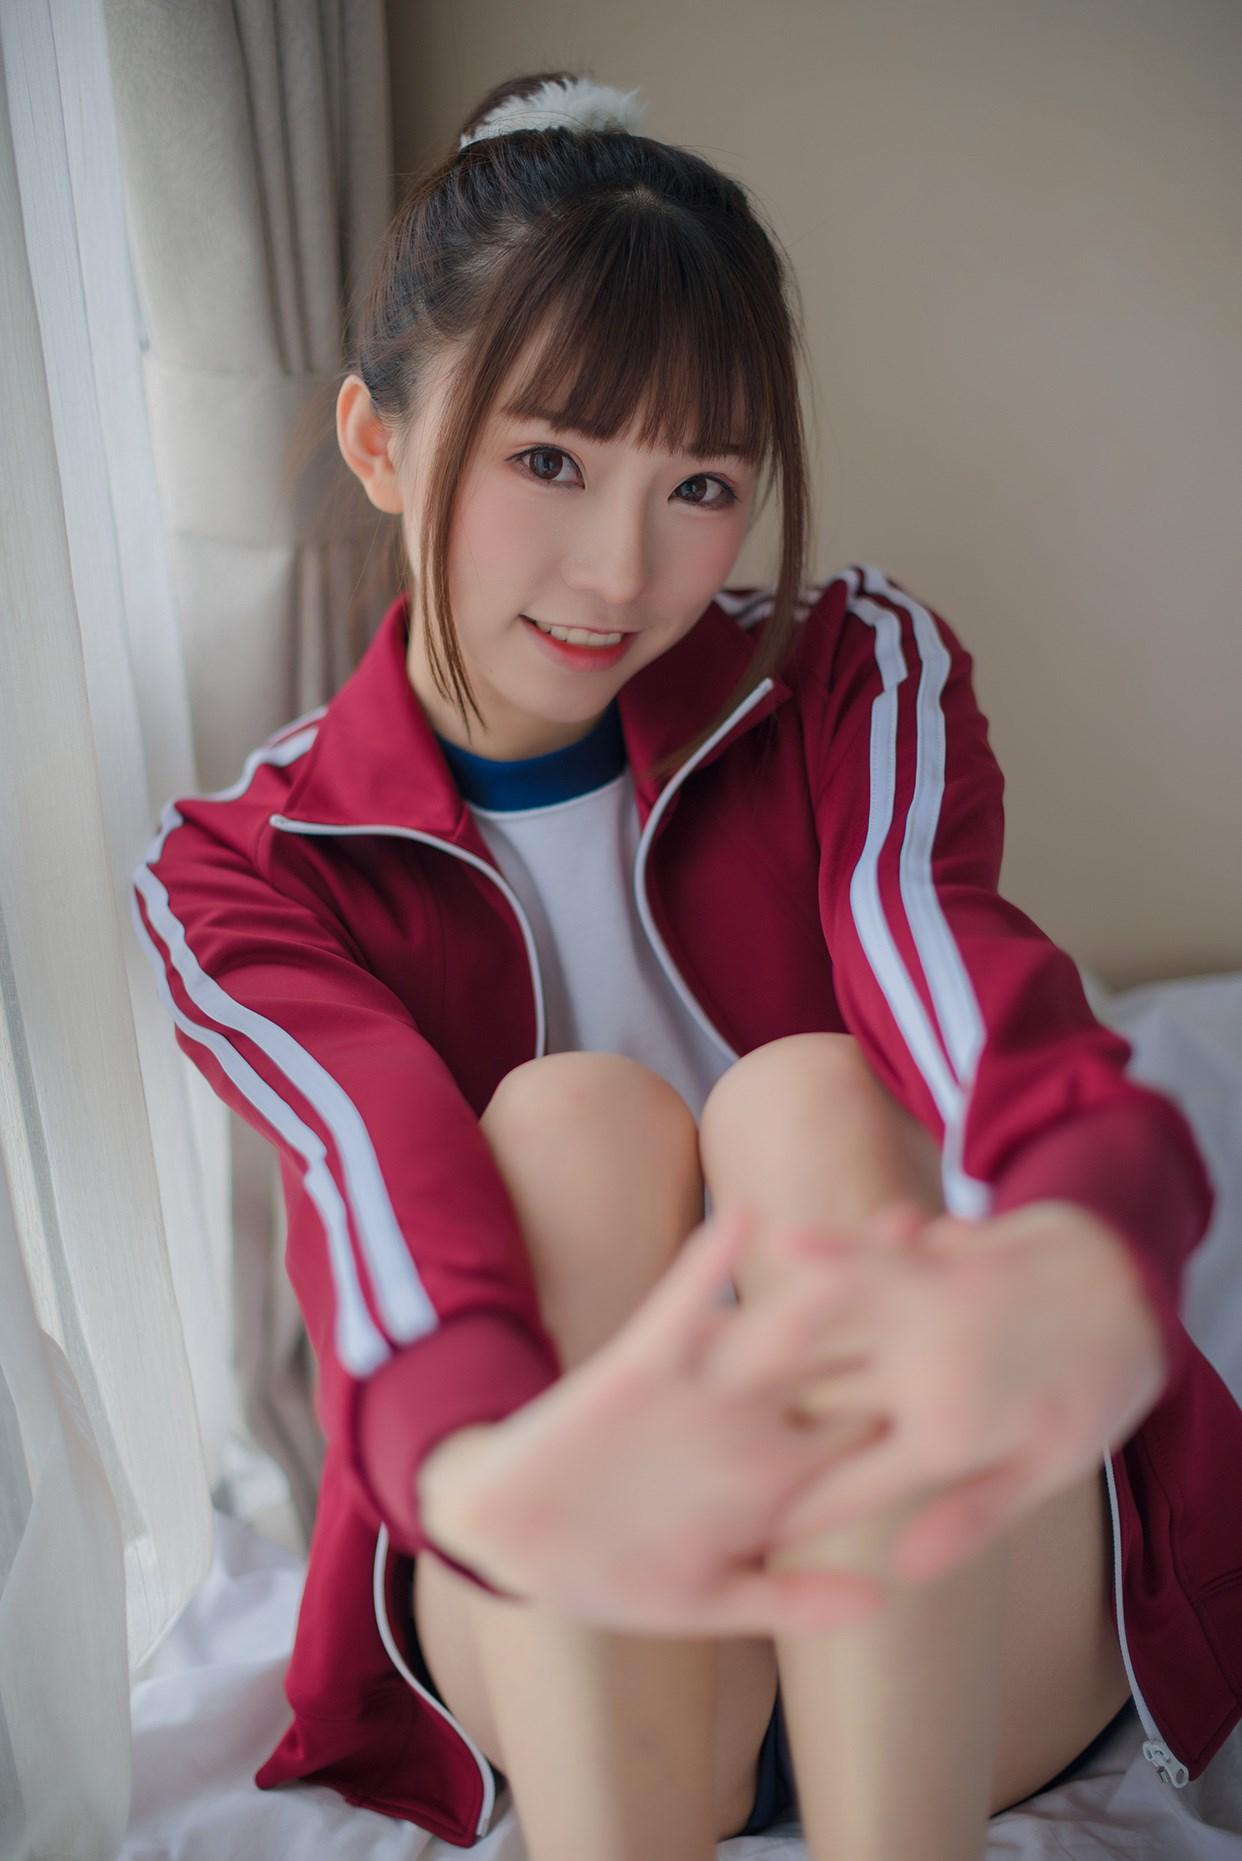 【兔玩映画】粉嫩体操服 兔玩映画 第6张